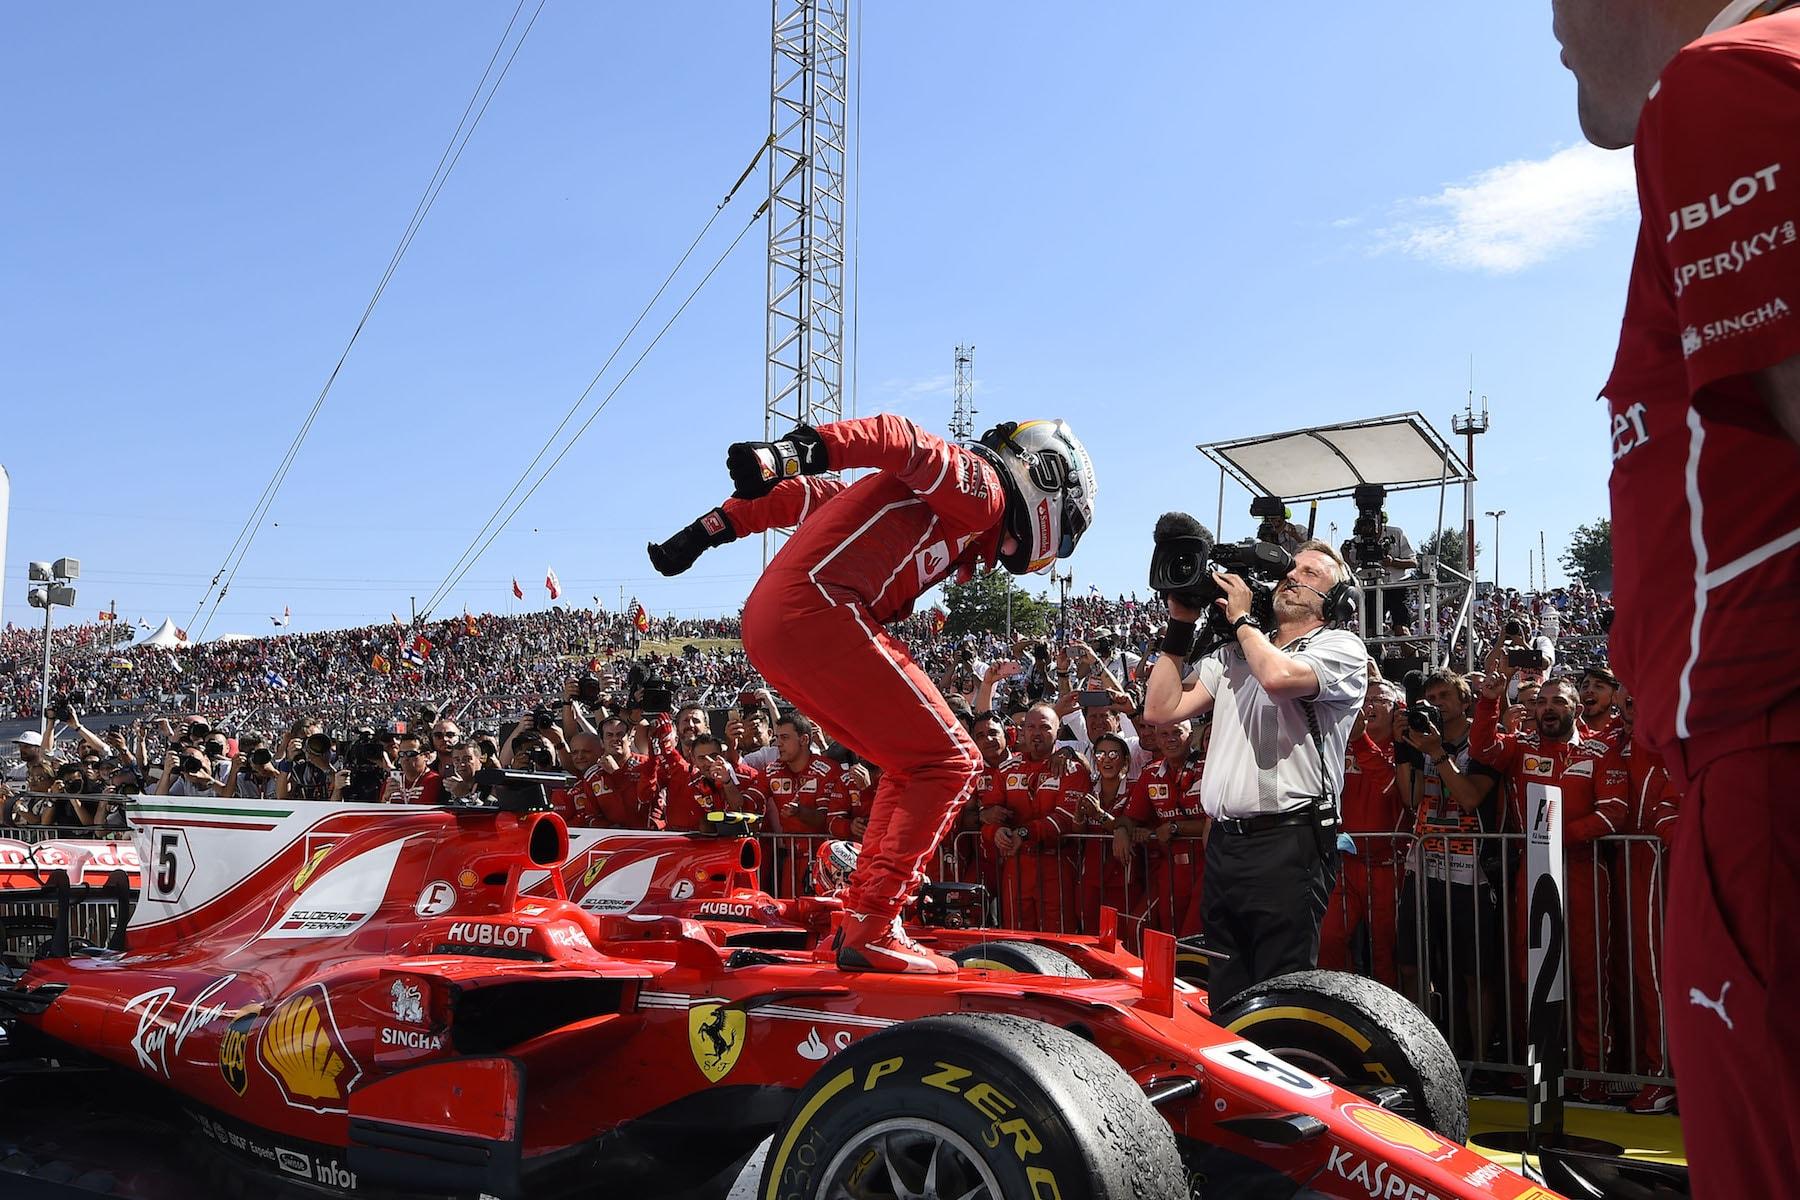 T 2017 Sebastian Vettel | Ferrari SF70H | 2017 Hungarian GP winner 4 copy.jpg